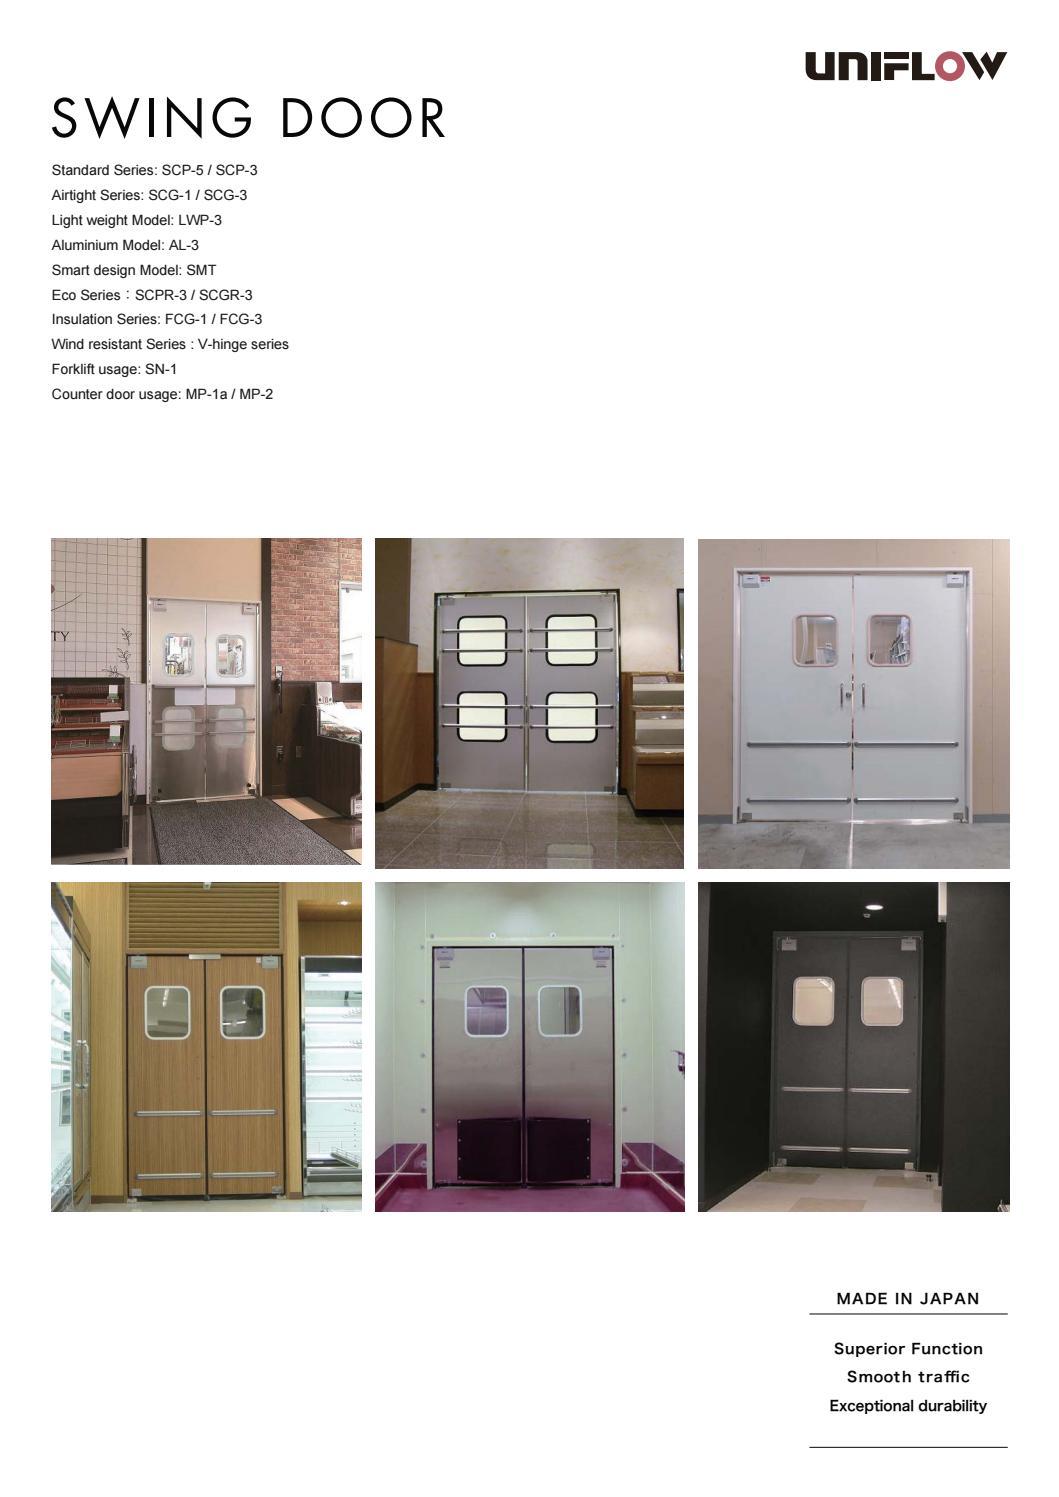 UNIFLOW SWING DOOR By Uniflow International Pte. Ltd   Issuu